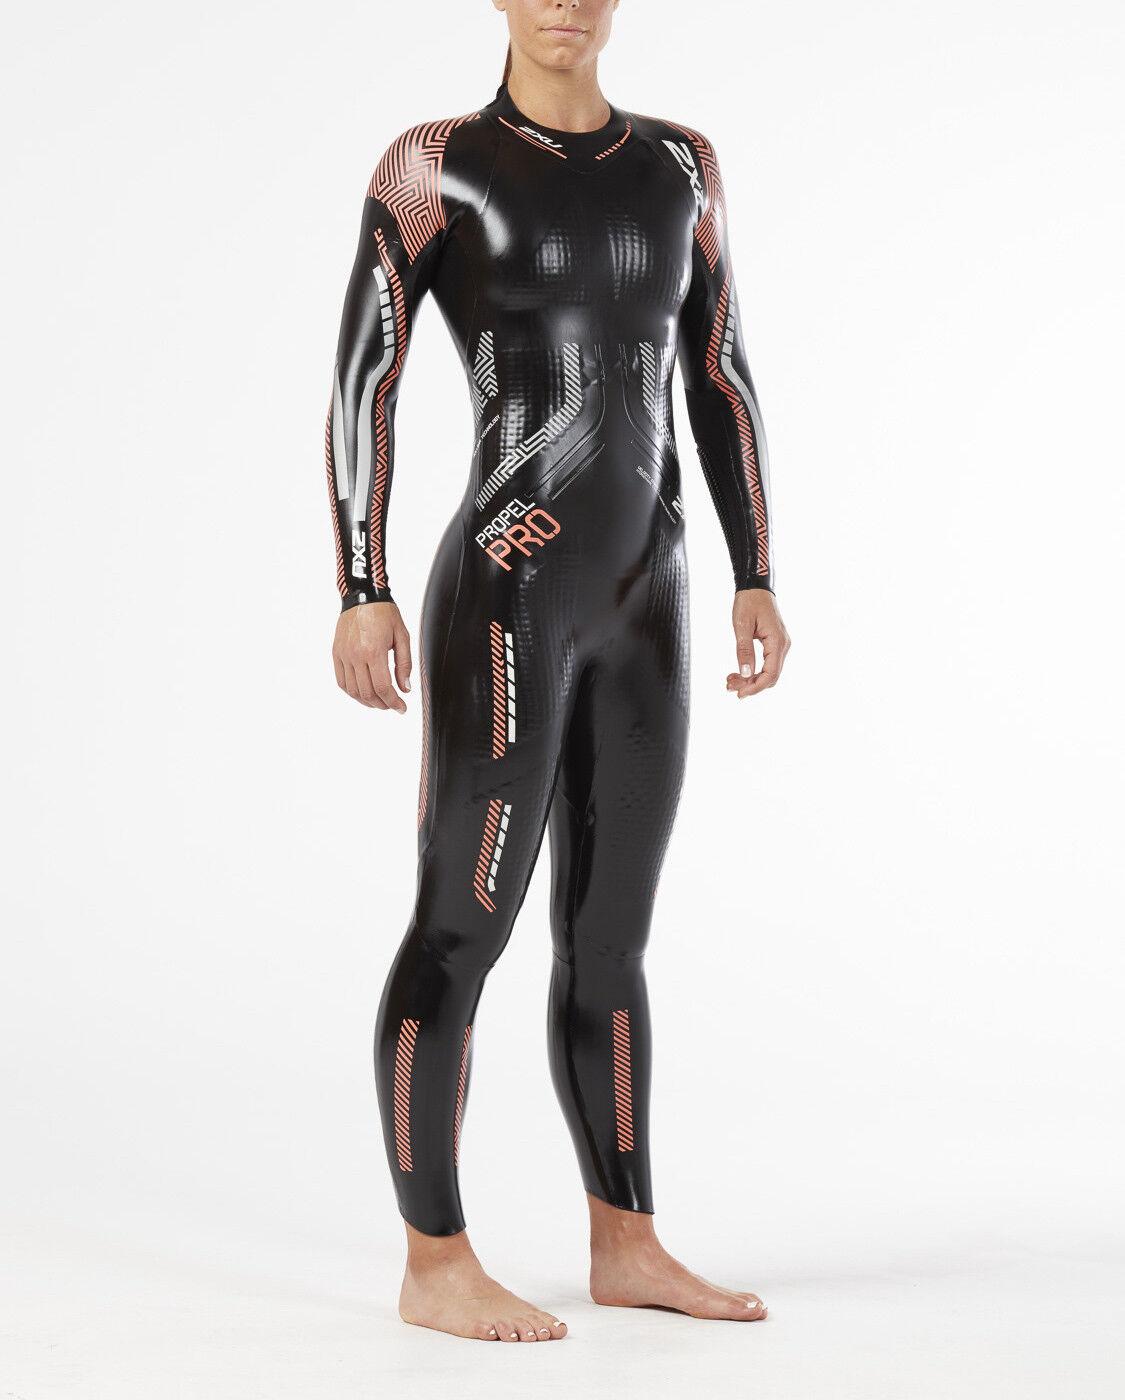 2XU Women's Propel Pro Wetsuit - 2019